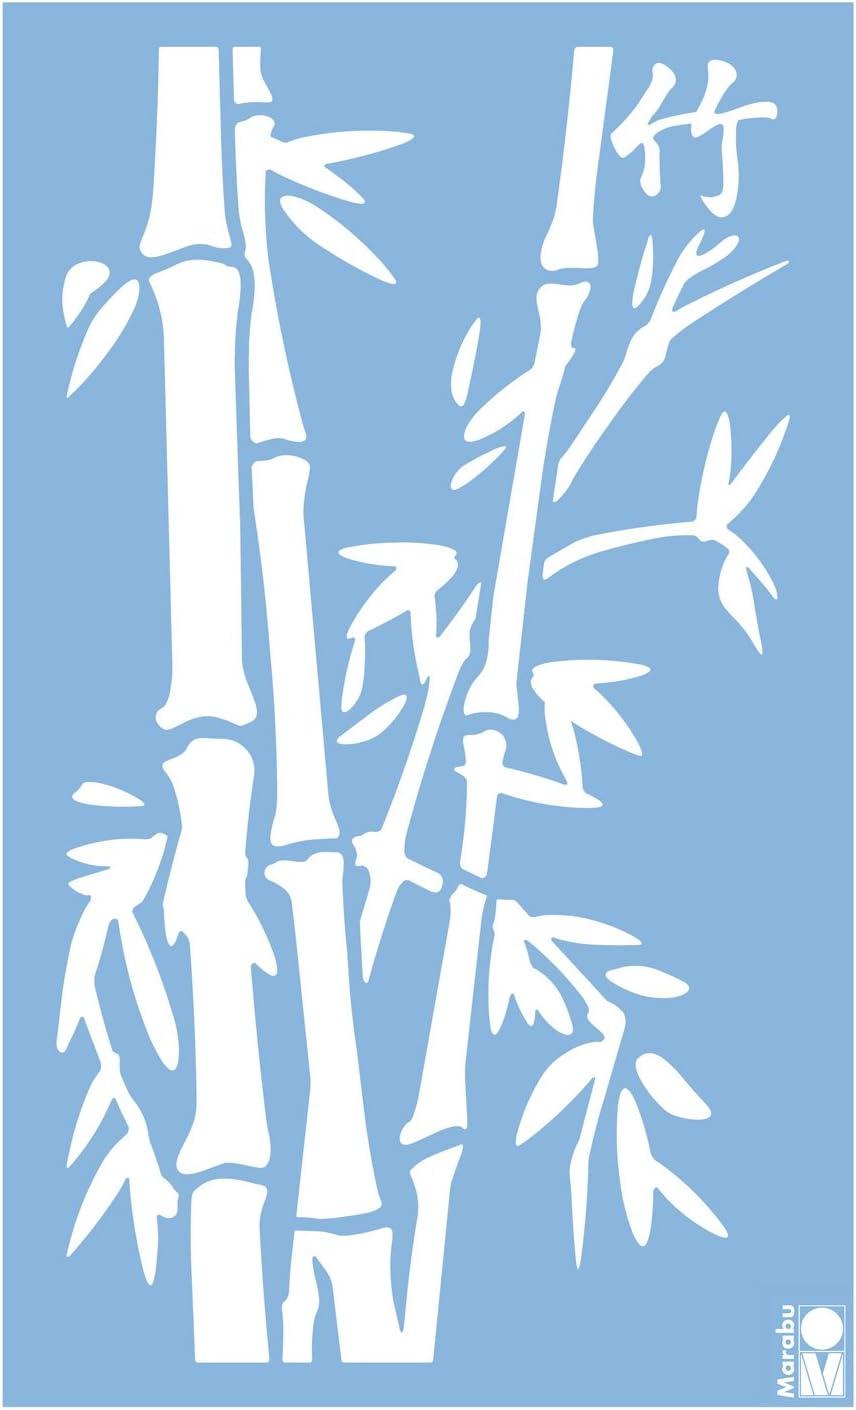 Marabu 0278000000001 Bamboo ca strapazierf/ähige Schablone zur Anwendung auf W/änden Schablone M/öbeln und Textilien lasergeschnittene PVC frei 40 x 66 cm wieder verwendbar